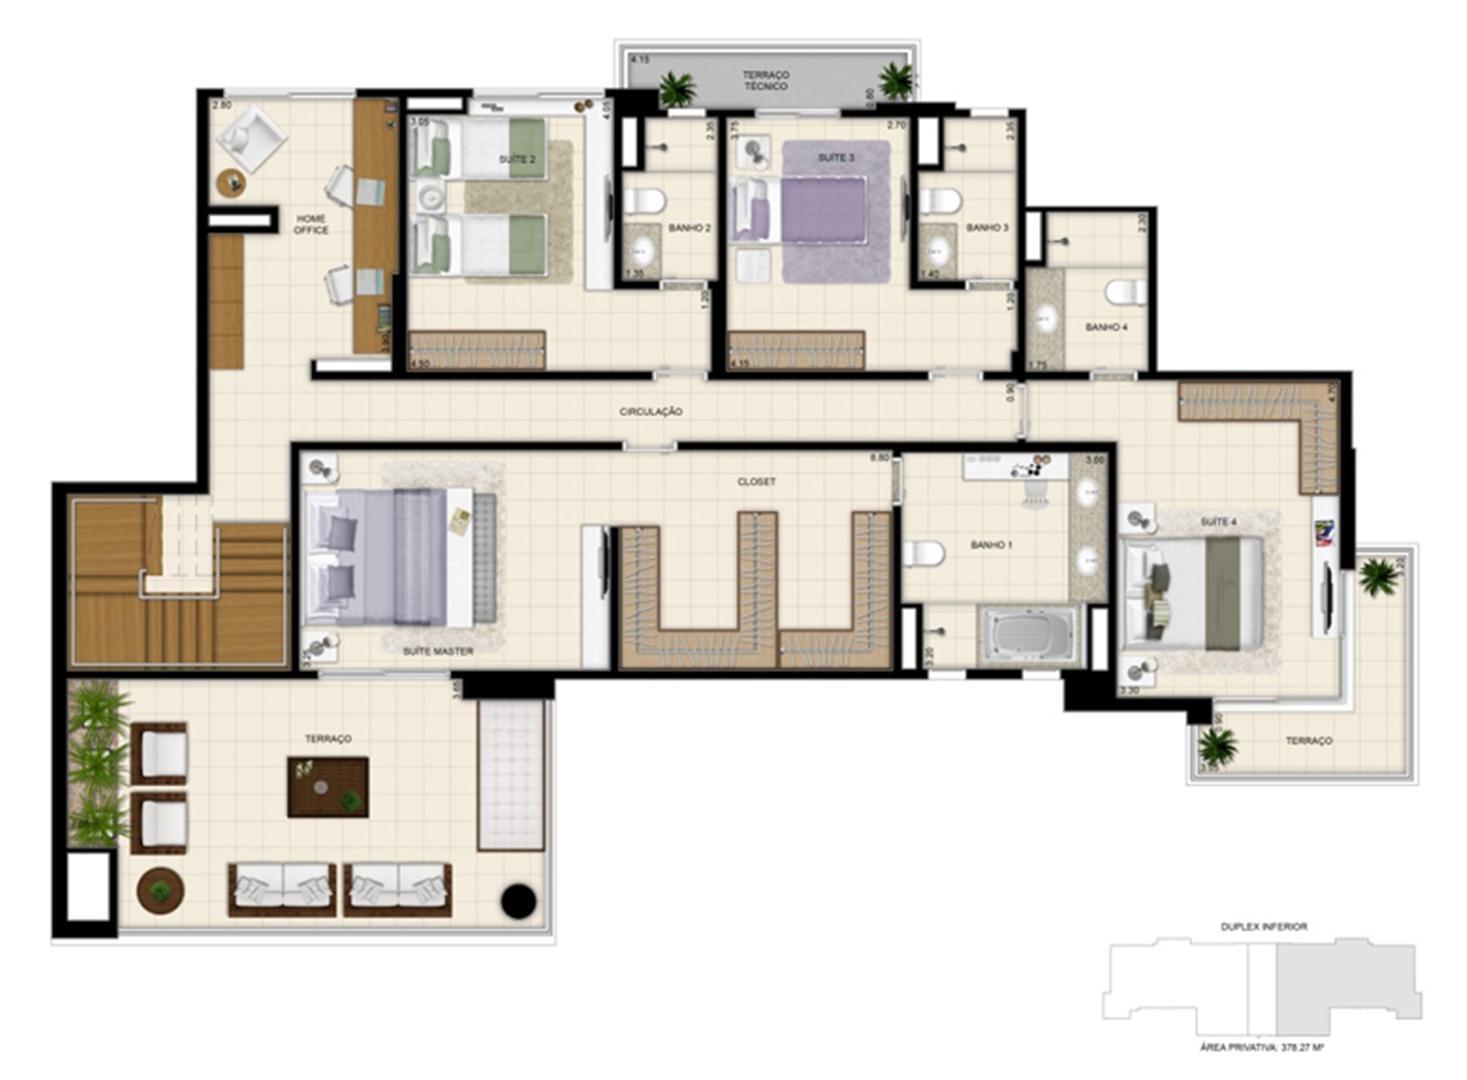 Planta tipo ilustrada do Duplex de 378m² Pavimento inferior | 395 Place – Apartamento em  Umarizal  - Belém - Pará